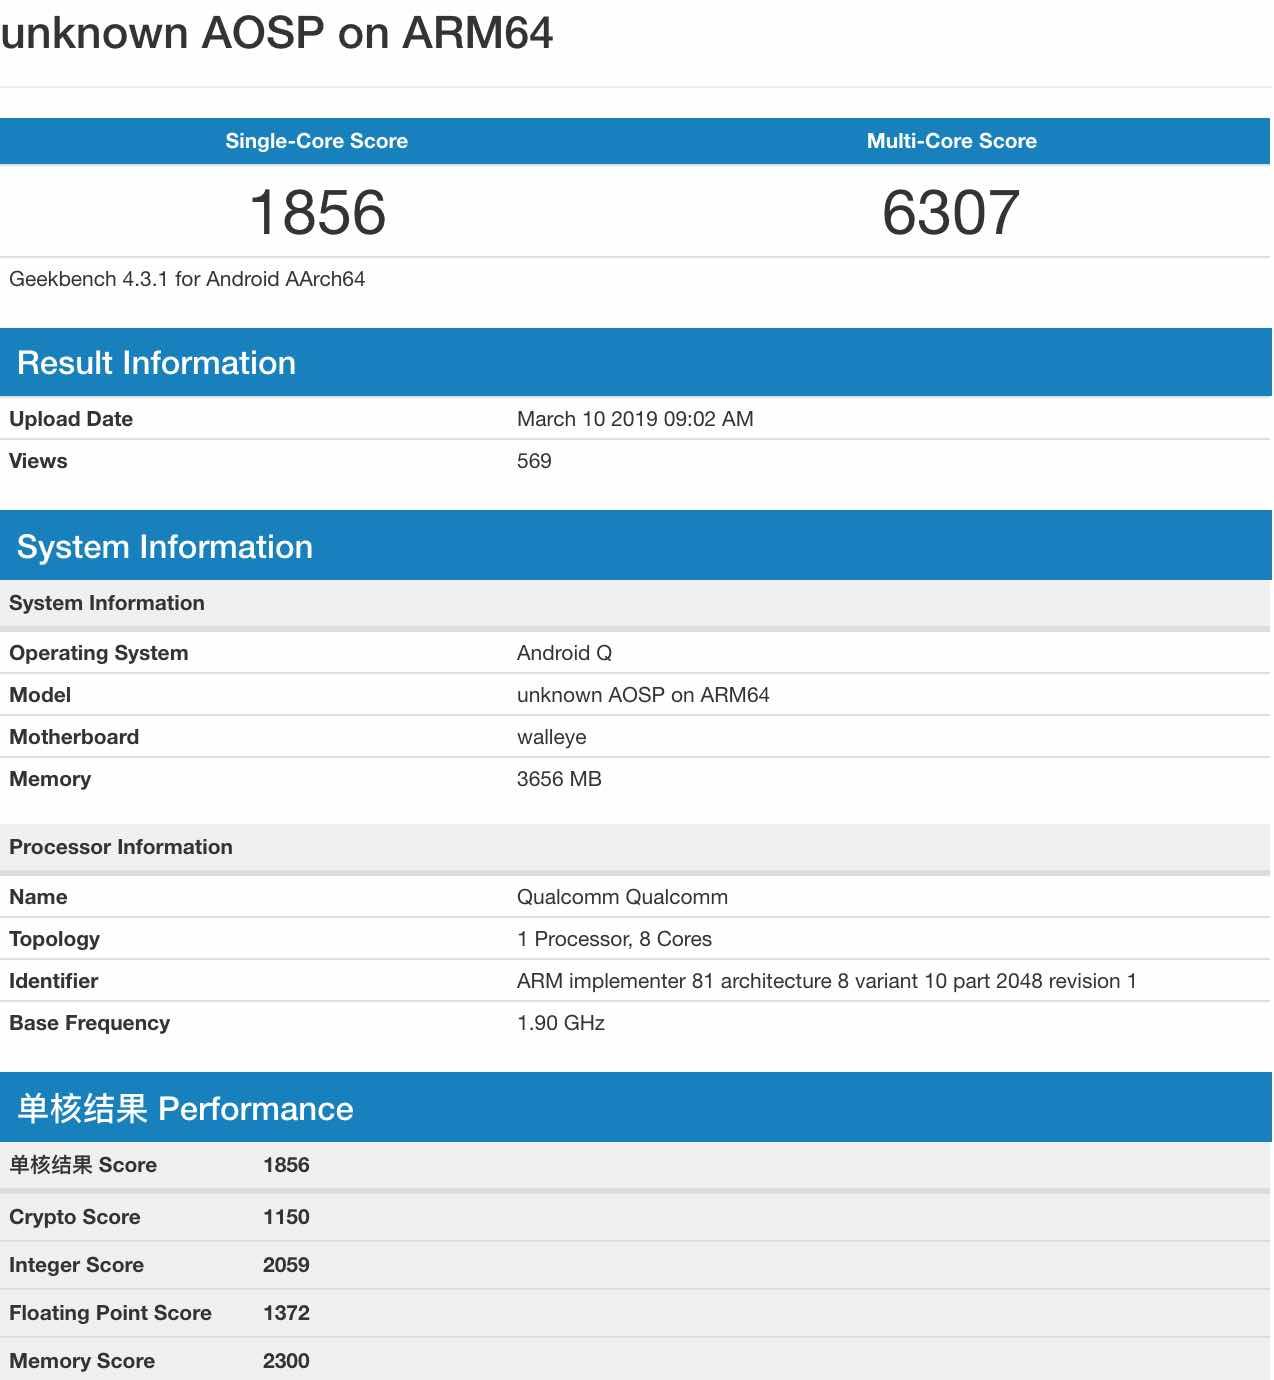 В базе данных Geekbench (тестирование производительности) выявили новый бюджетный планшет южнокорейского производителя Речь идет о недорогом планшете который будет